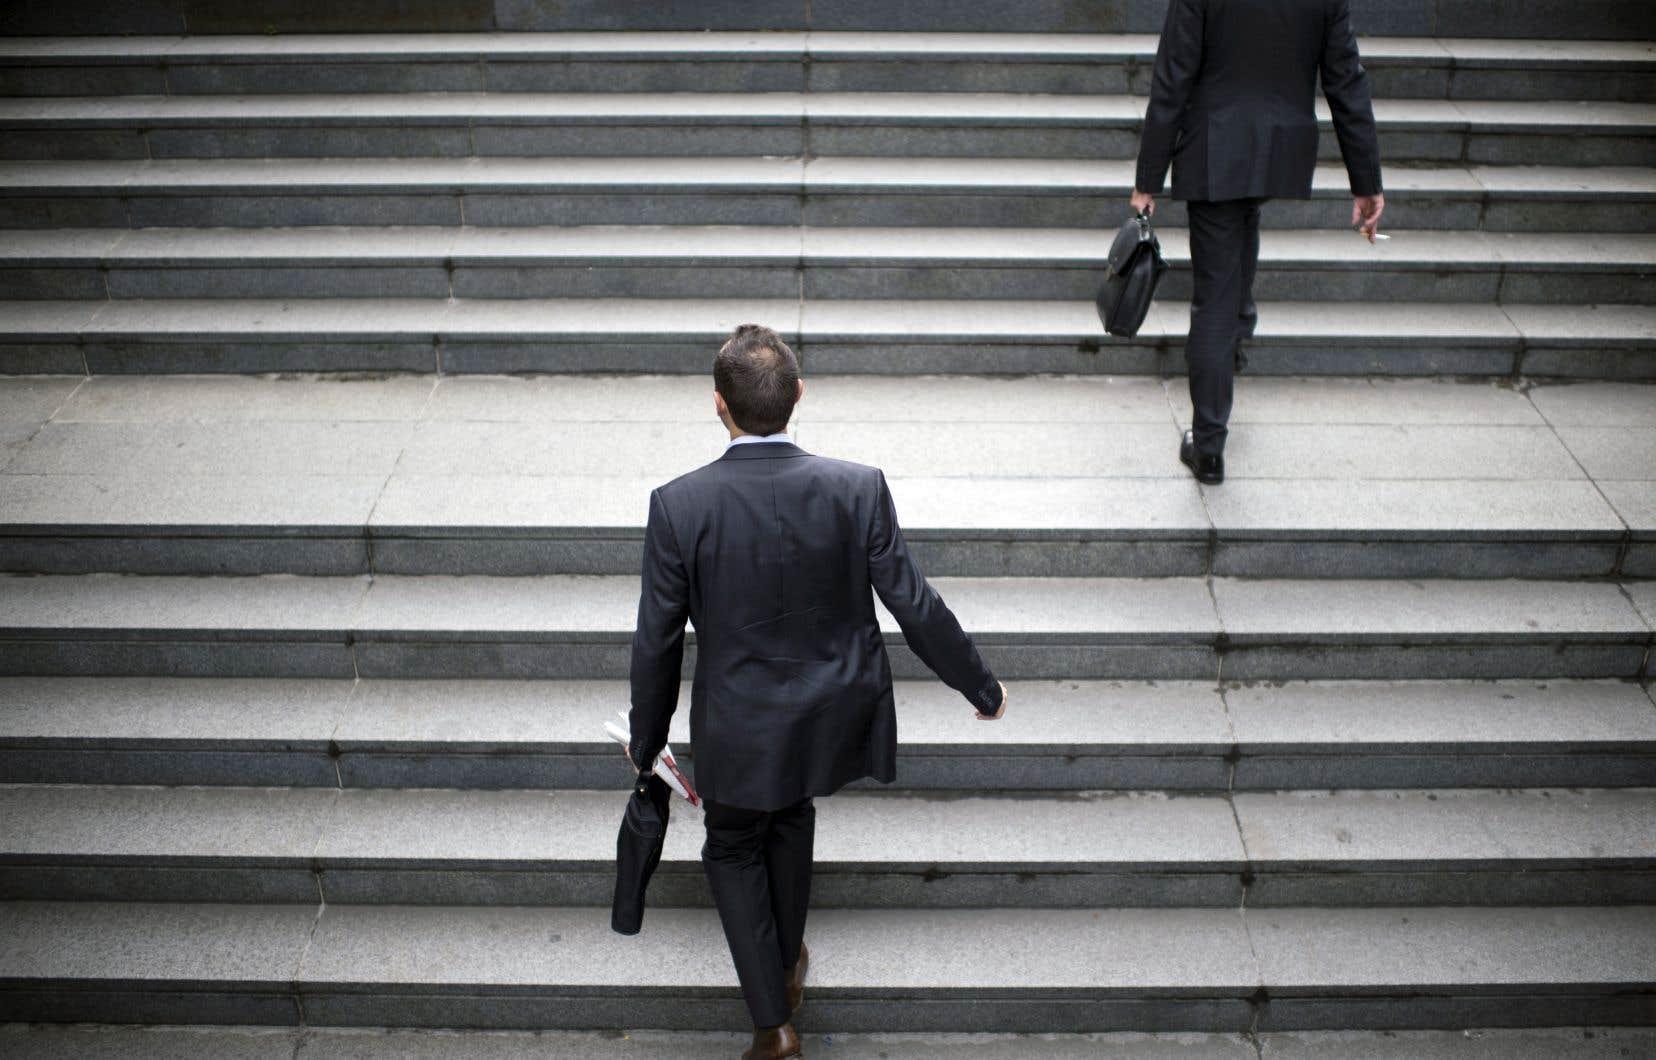 Dans les entreprises qui disent offrir des cellulaires gratuits, par exemple, les membres de la haute direction (96%) ont trois fois plus de chances d'en avoir un que l'ensemble des employés (32%).